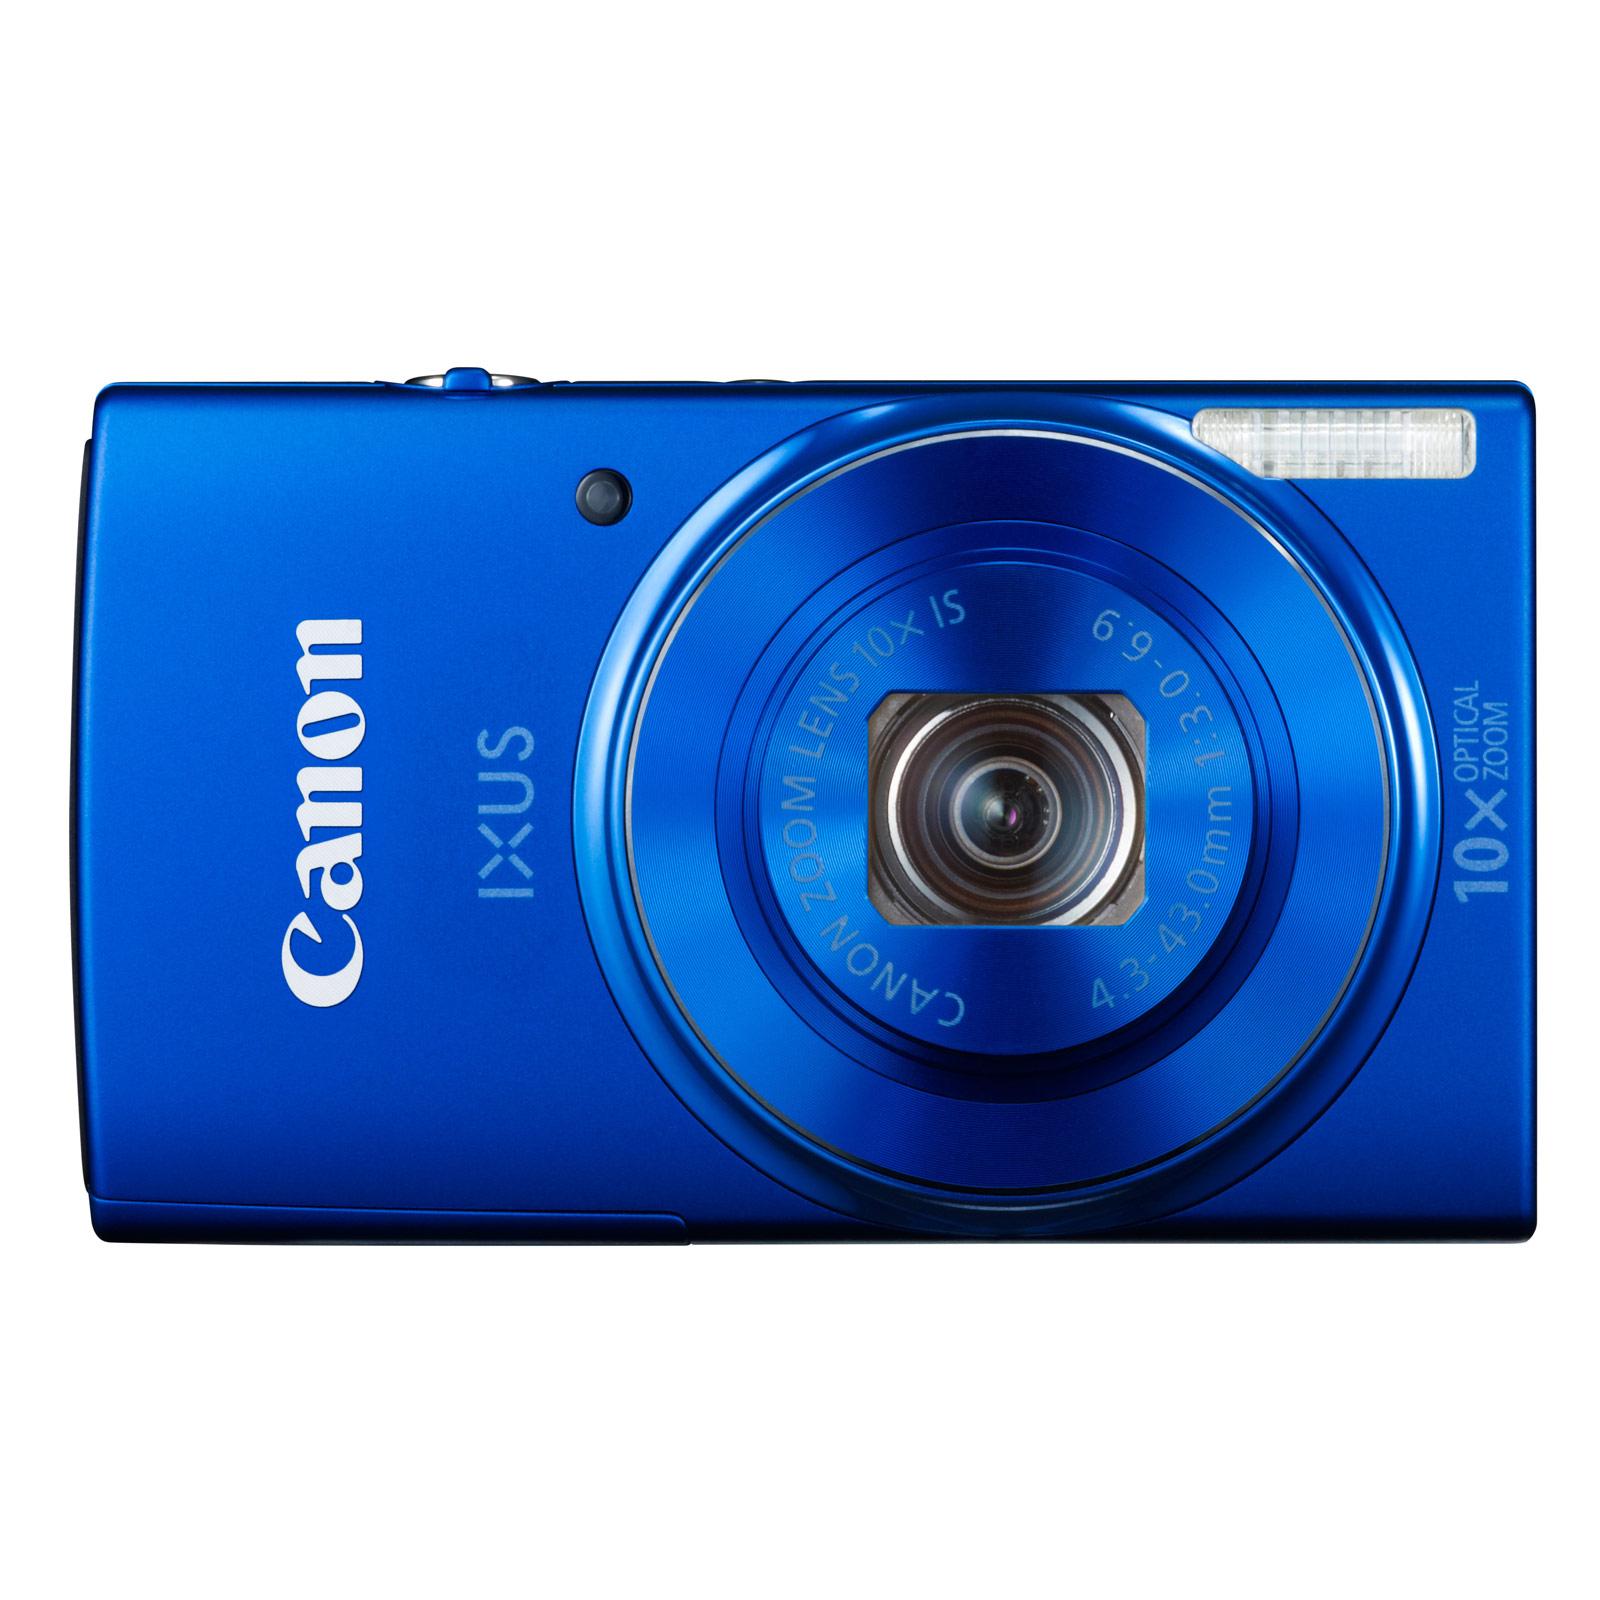 canon ixus 155 bleu 9366b006 achat vente appareil photo num rique sur. Black Bedroom Furniture Sets. Home Design Ideas